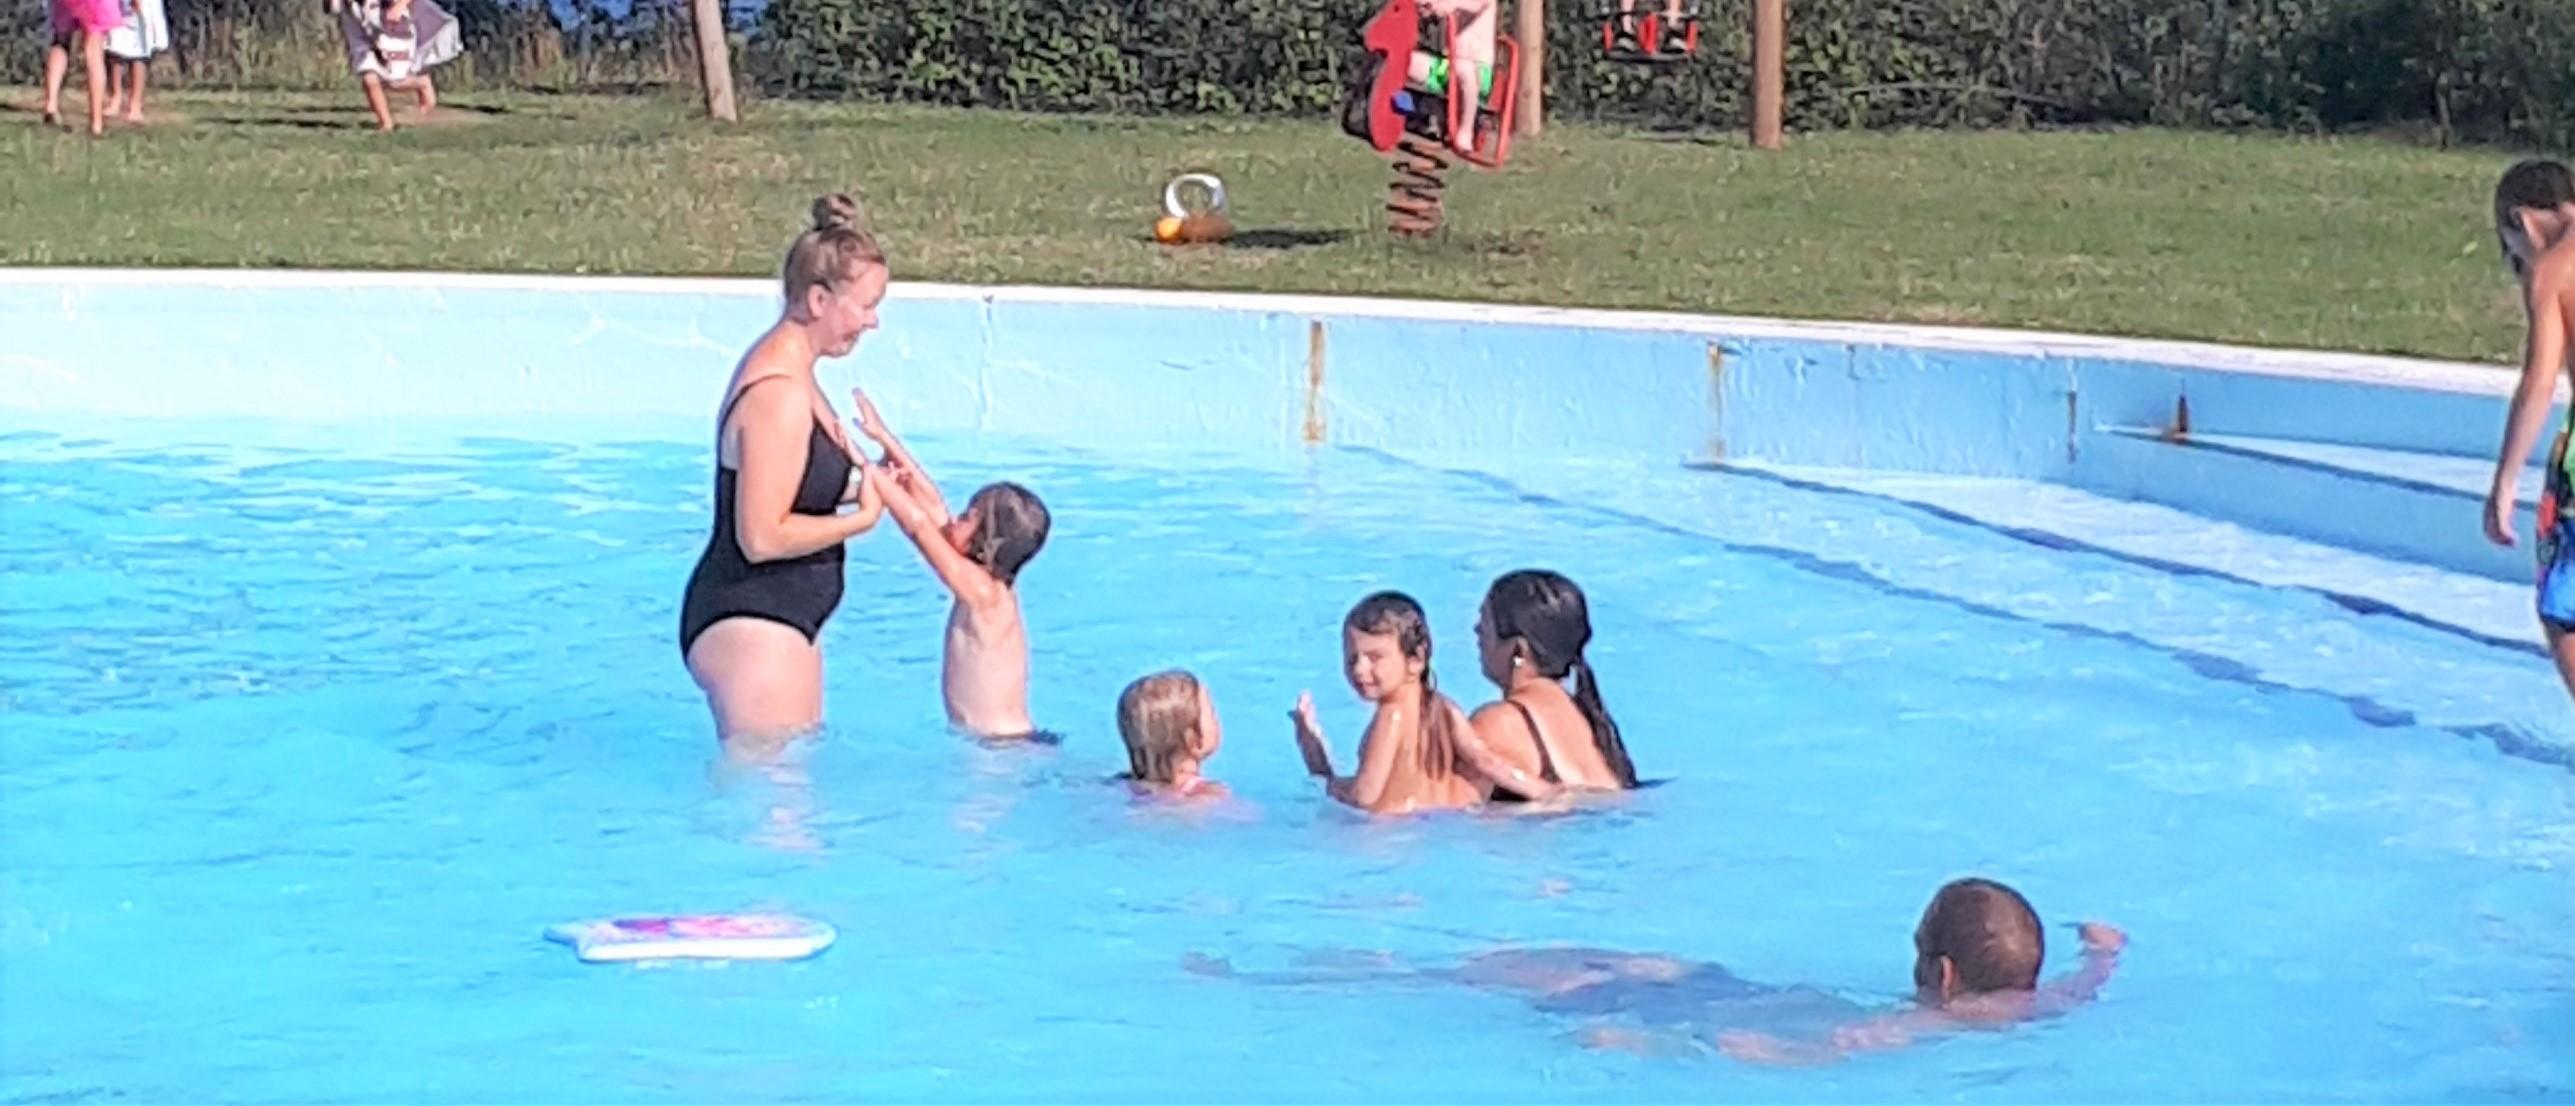 Simning ökade fysiska och psykiska hälsan